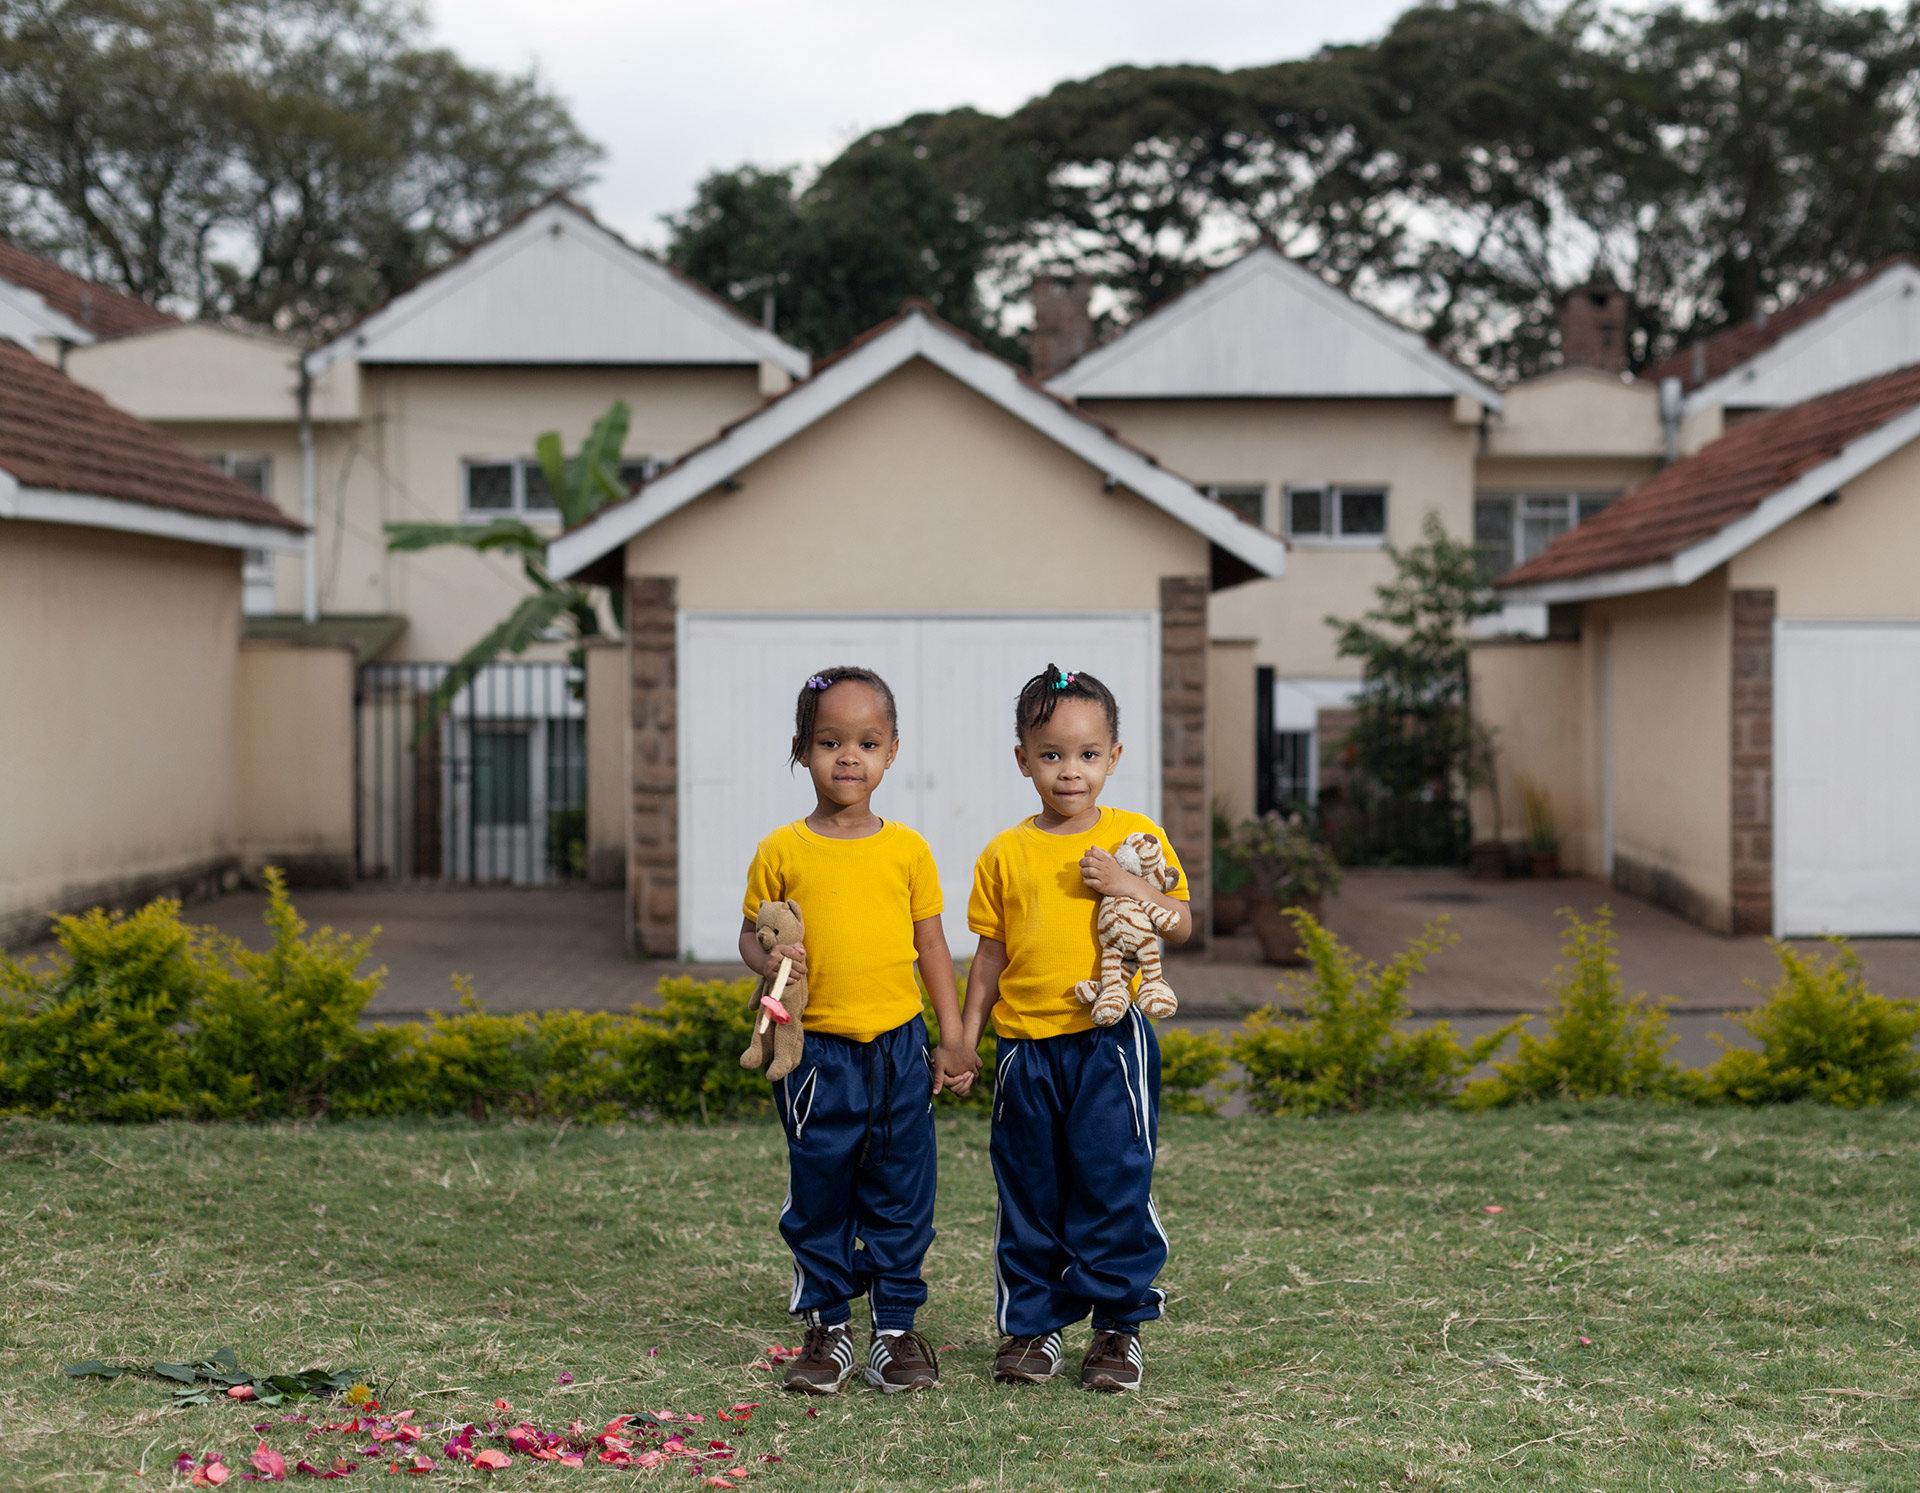 Die Zwillinge Ayanda und Anele spielen vor dem Haus ihrer Eltern. Ein typisches Reihenhaus in einer Gated Community.